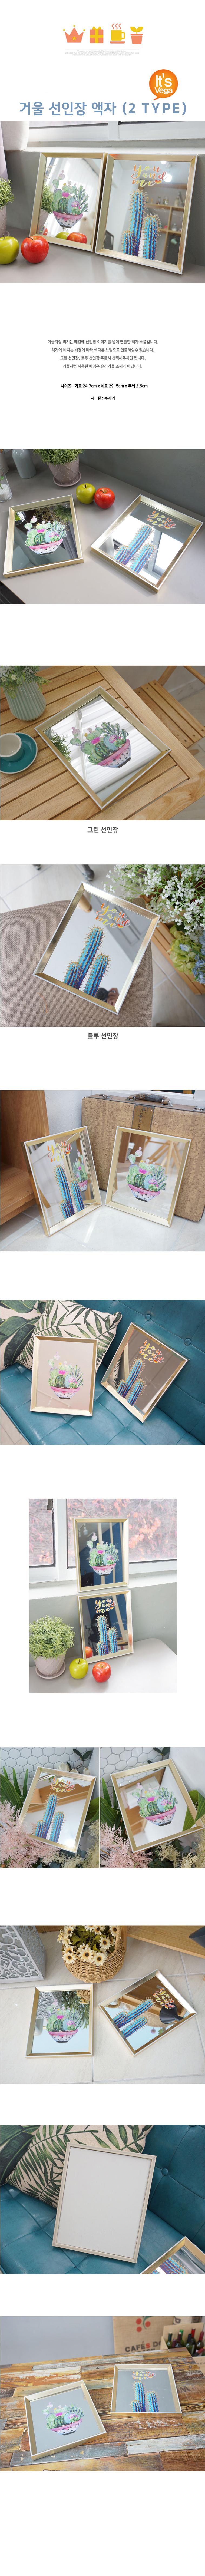 거울 선인장 액자 (2 TYPE) - 베가, 15,000원, 홈갤러리, 팝아트